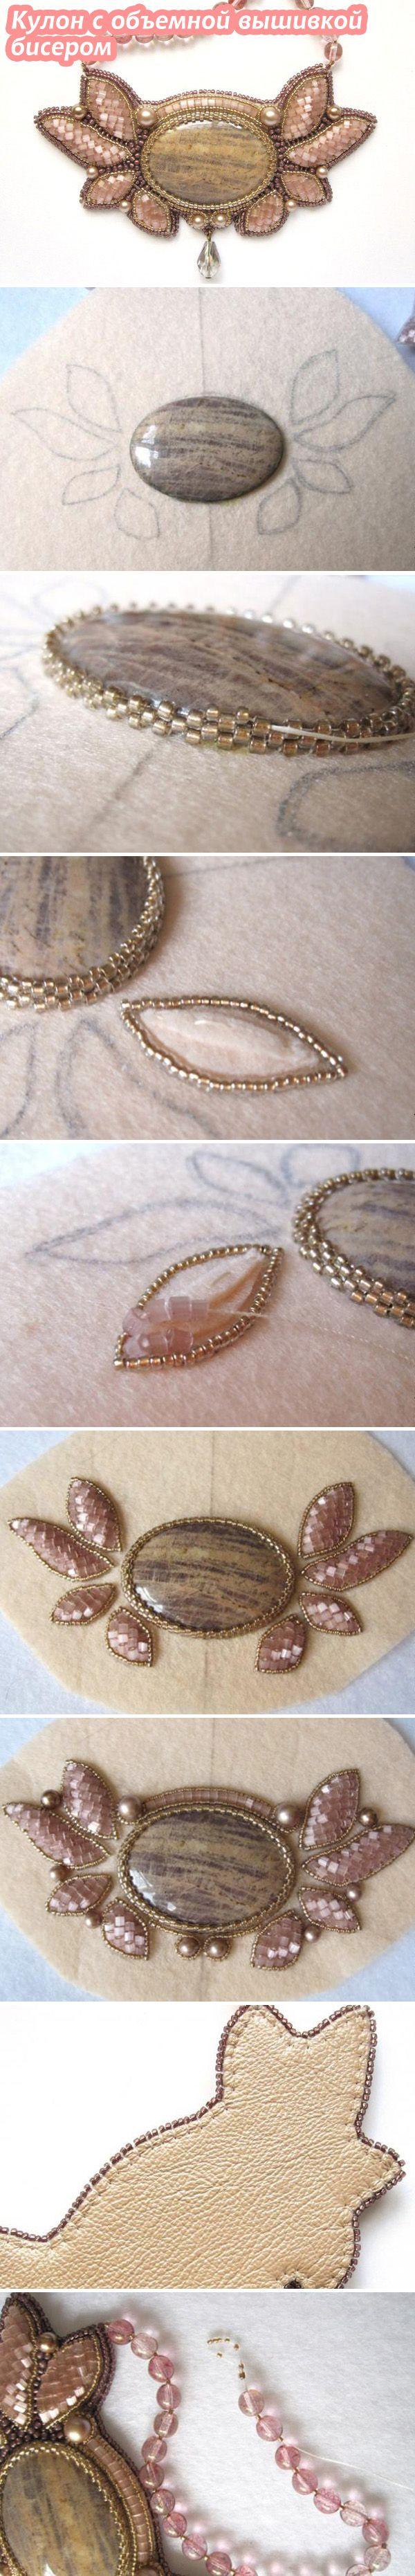 Создание кулона с использованием объемной вышивки / Beaded Pendant Tutorial